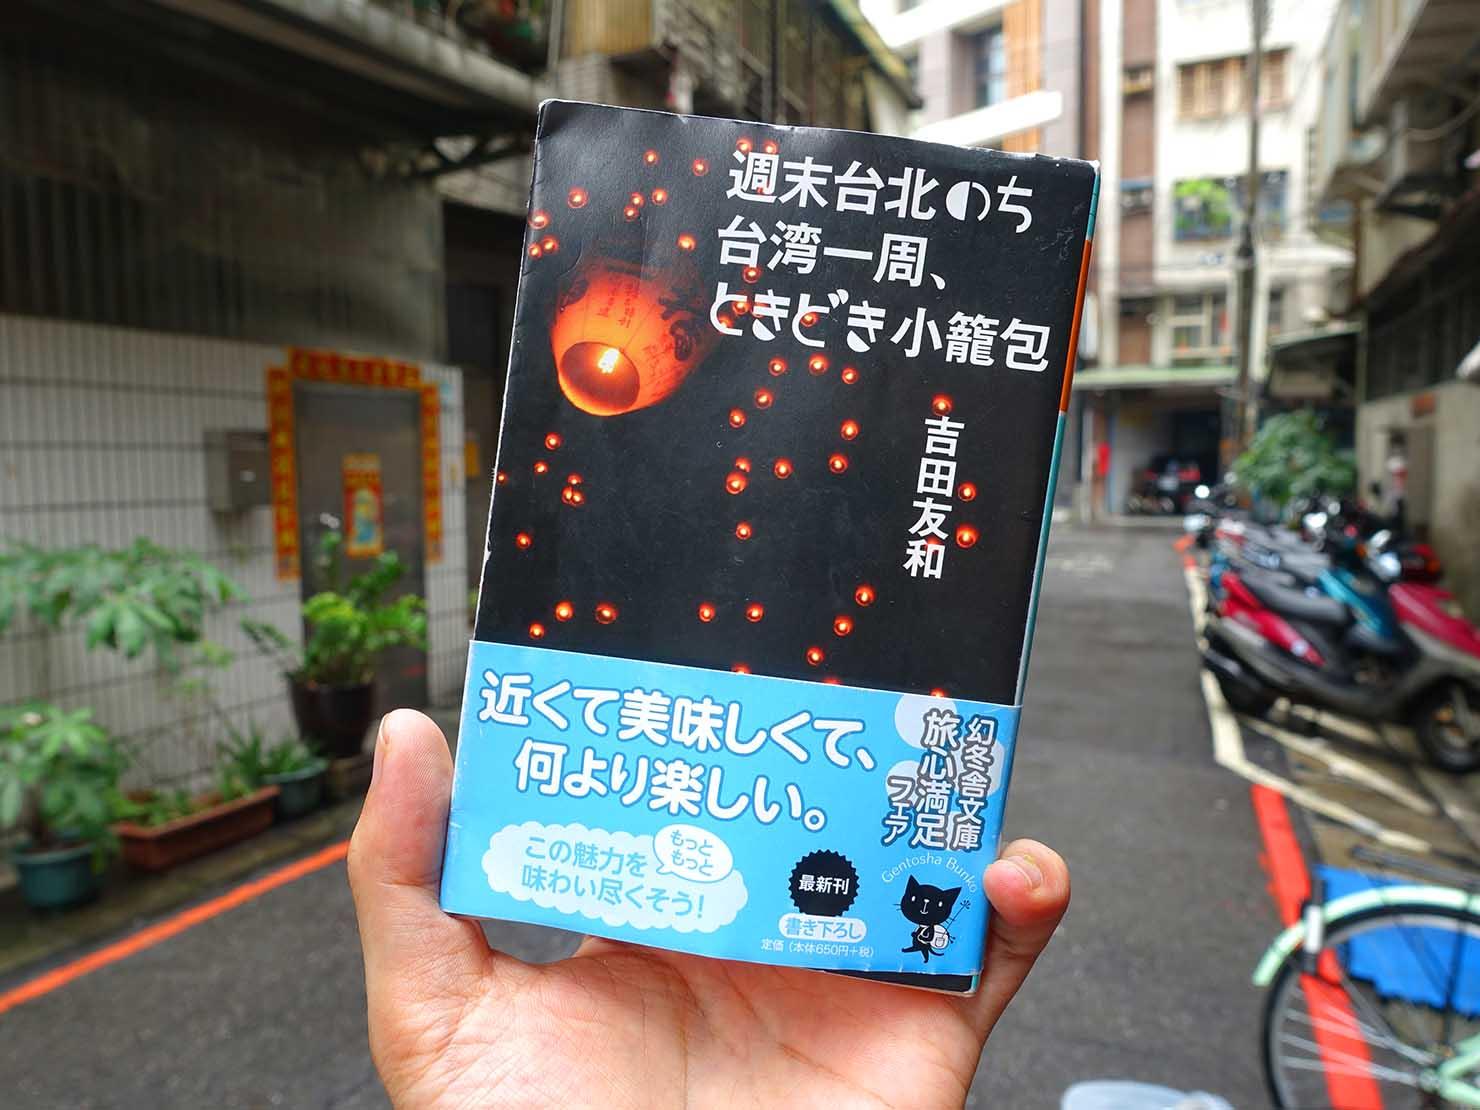 旅気分を盛り上げてくれる台湾一周エッセイのおすすめ作品『週末台北のち台湾一周、ときどき小籠包』